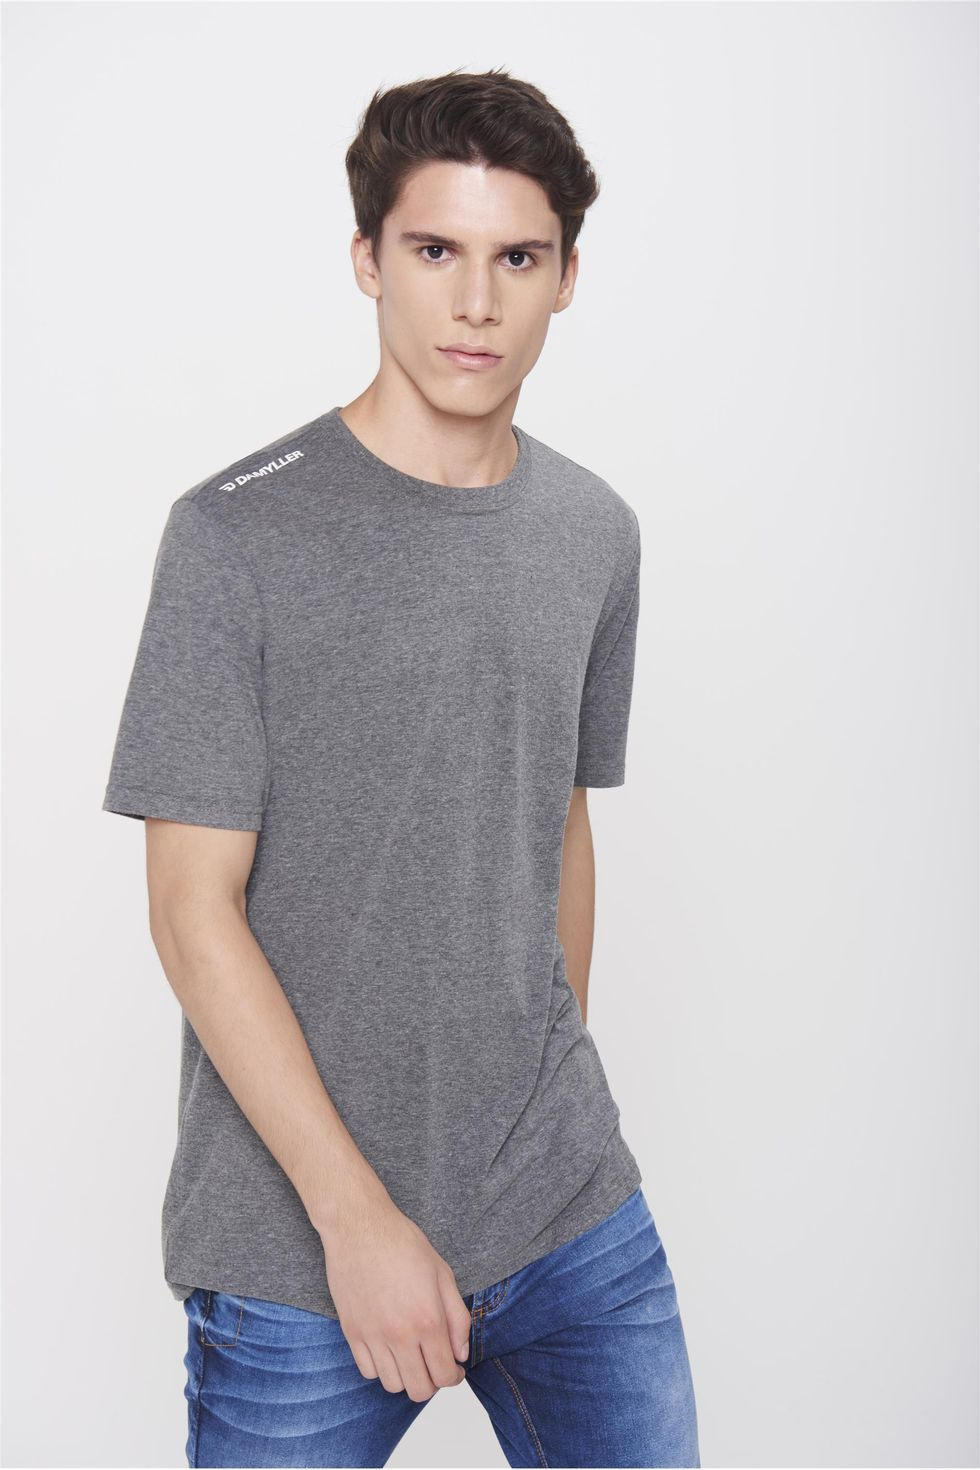 Camiseta-Basica-Unissex-Frente--